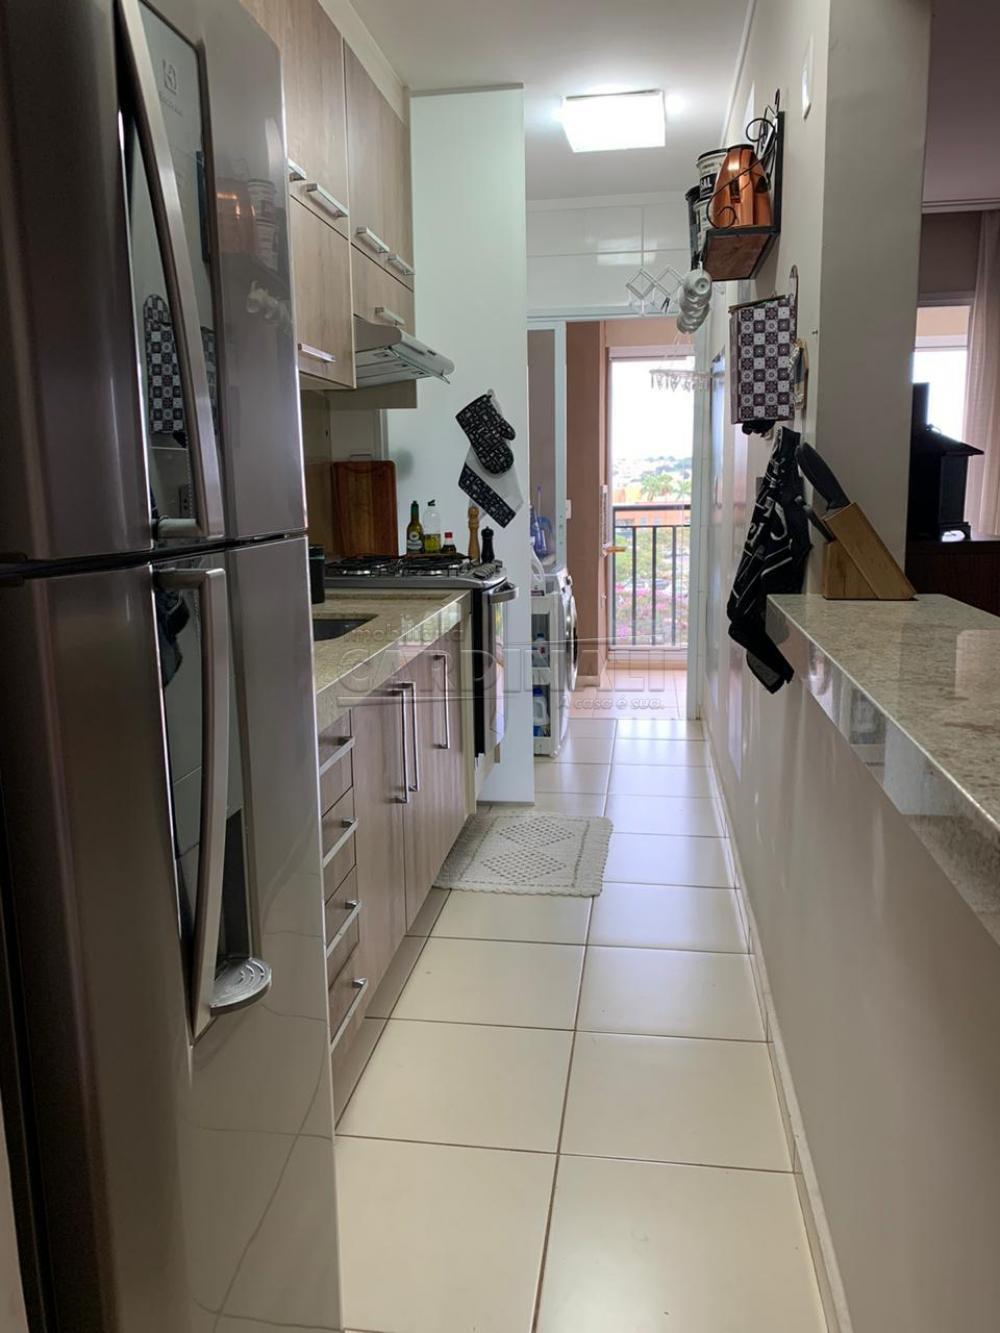 Comprar Apartamento / Padrão em São Carlos apenas R$ 455.000,00 - Foto 9